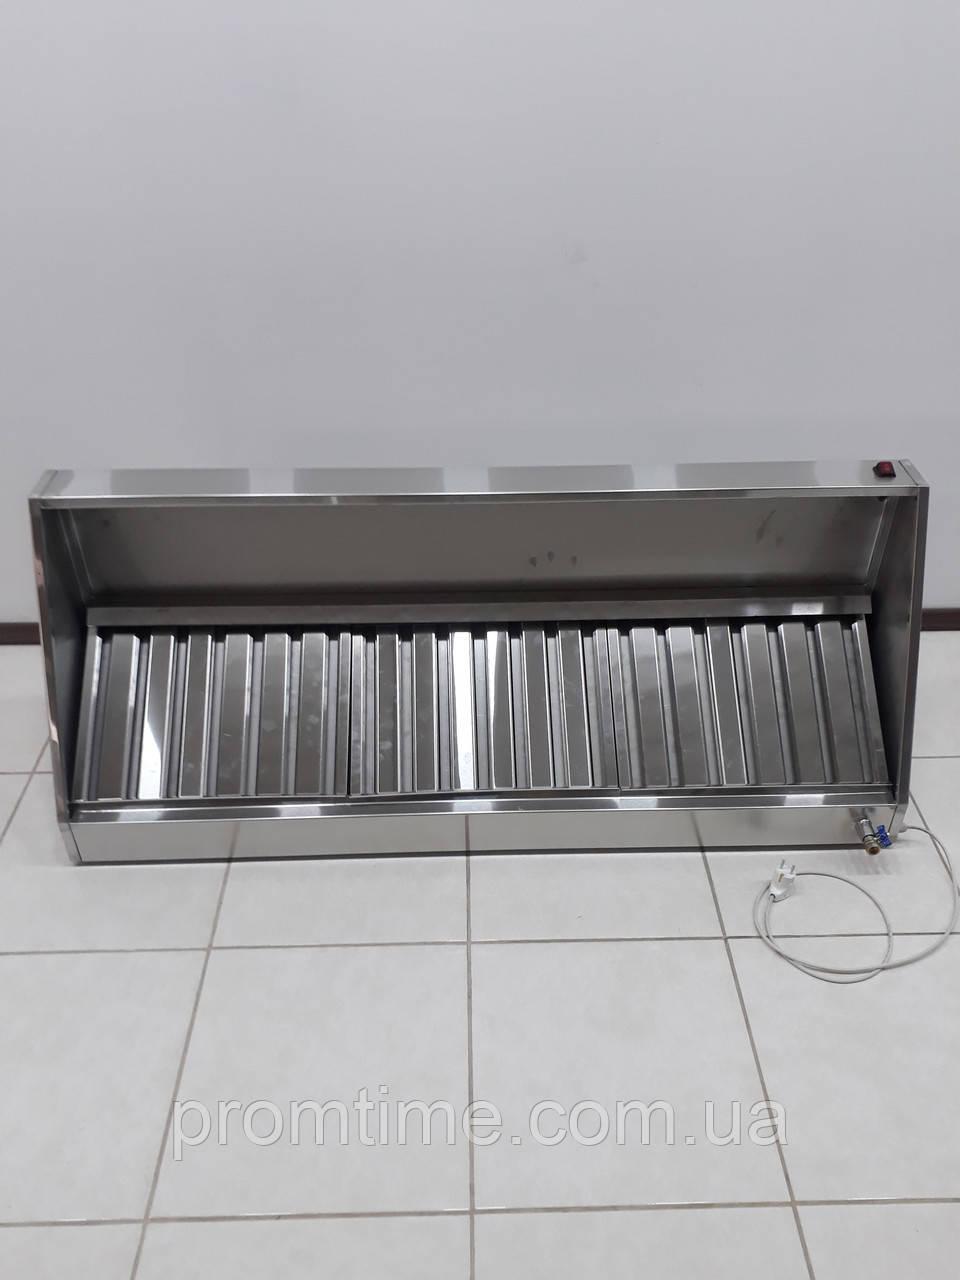 Вытяжной зонтс жироулавливателями1500х600х400 (с канальным вентилятором)